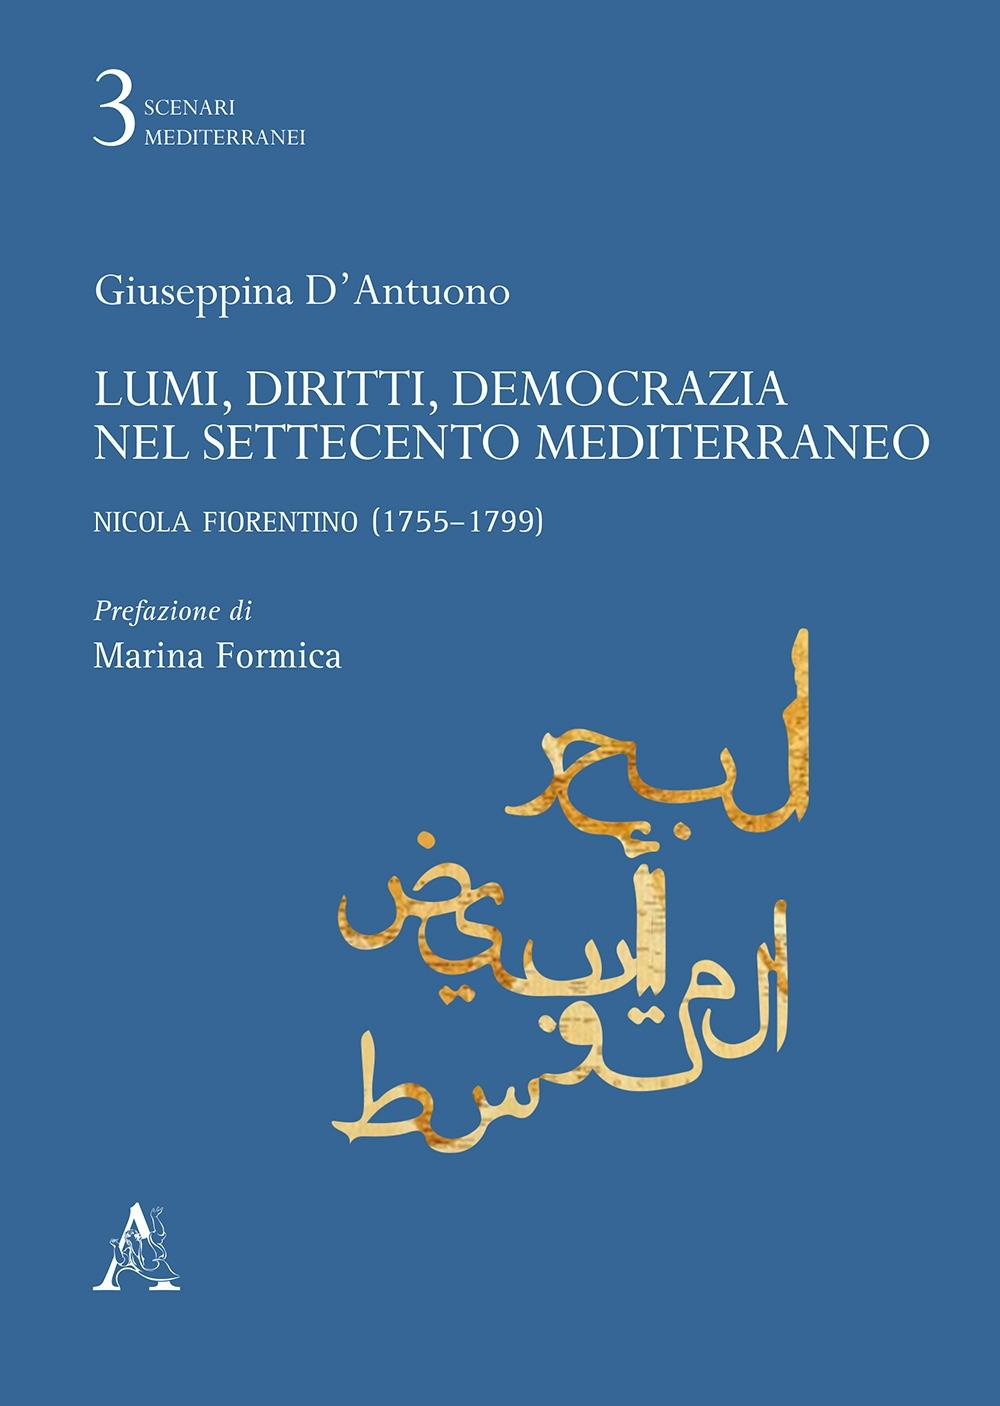 Lumi, diritti, democrazia nel Settecento Mediterraneo. Nicola Fiorentino (1755-1799)